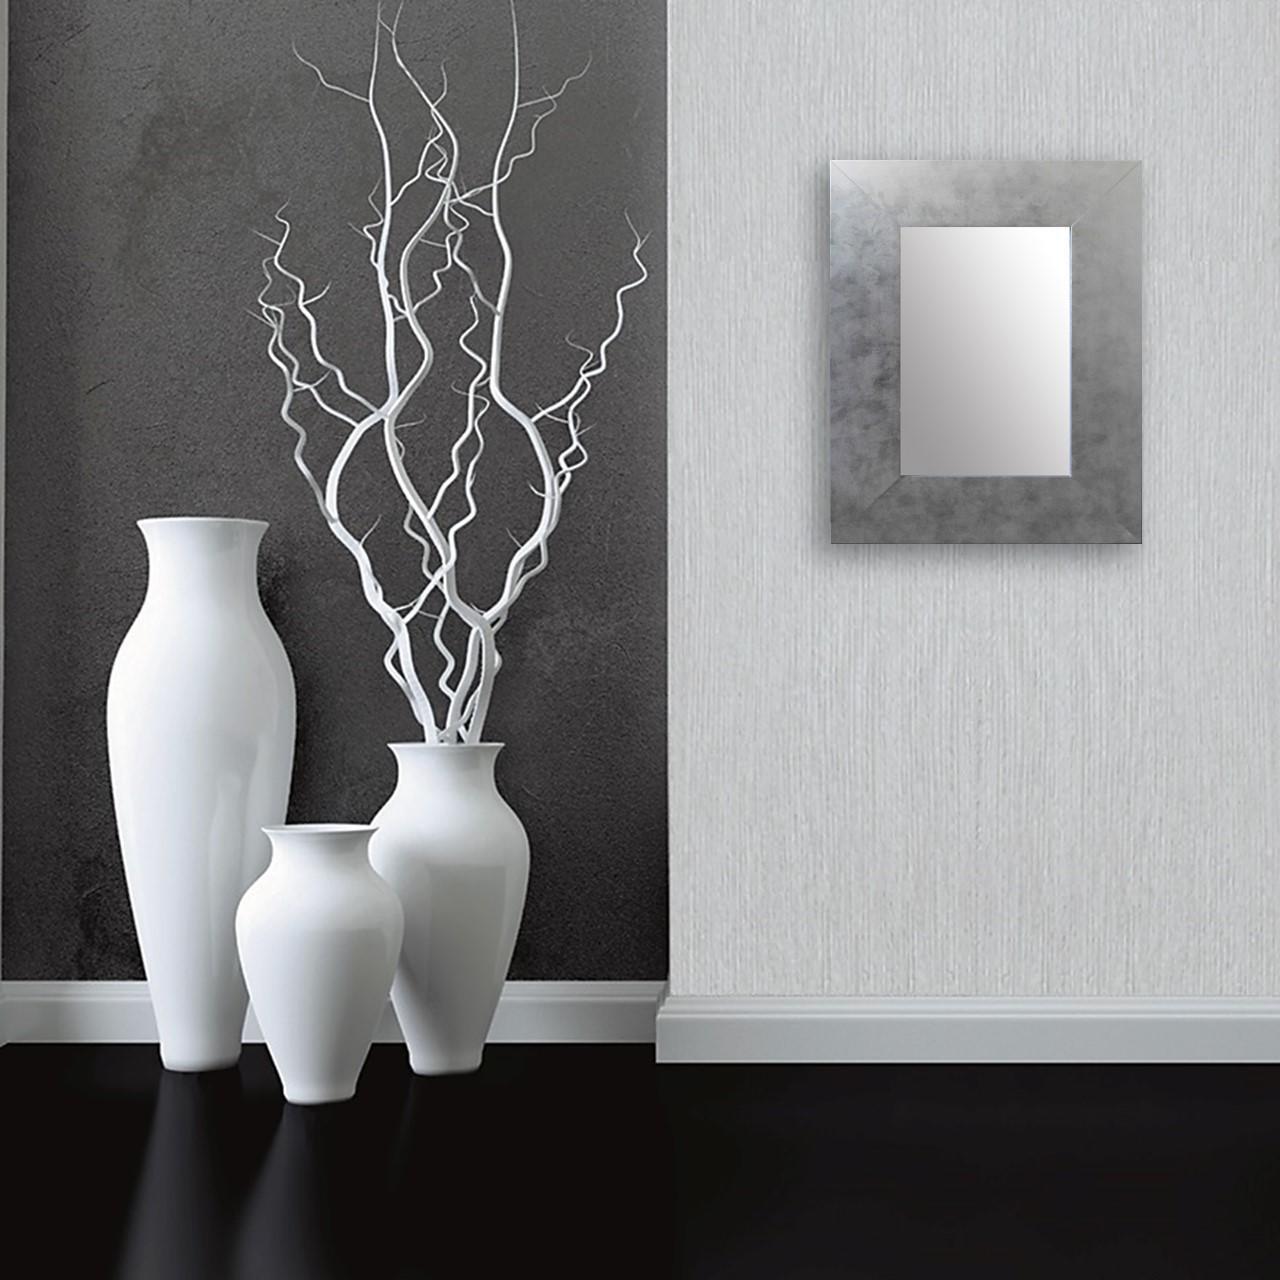 Specchio a parete rettangolare Osakan argento 60x90 cm - 1